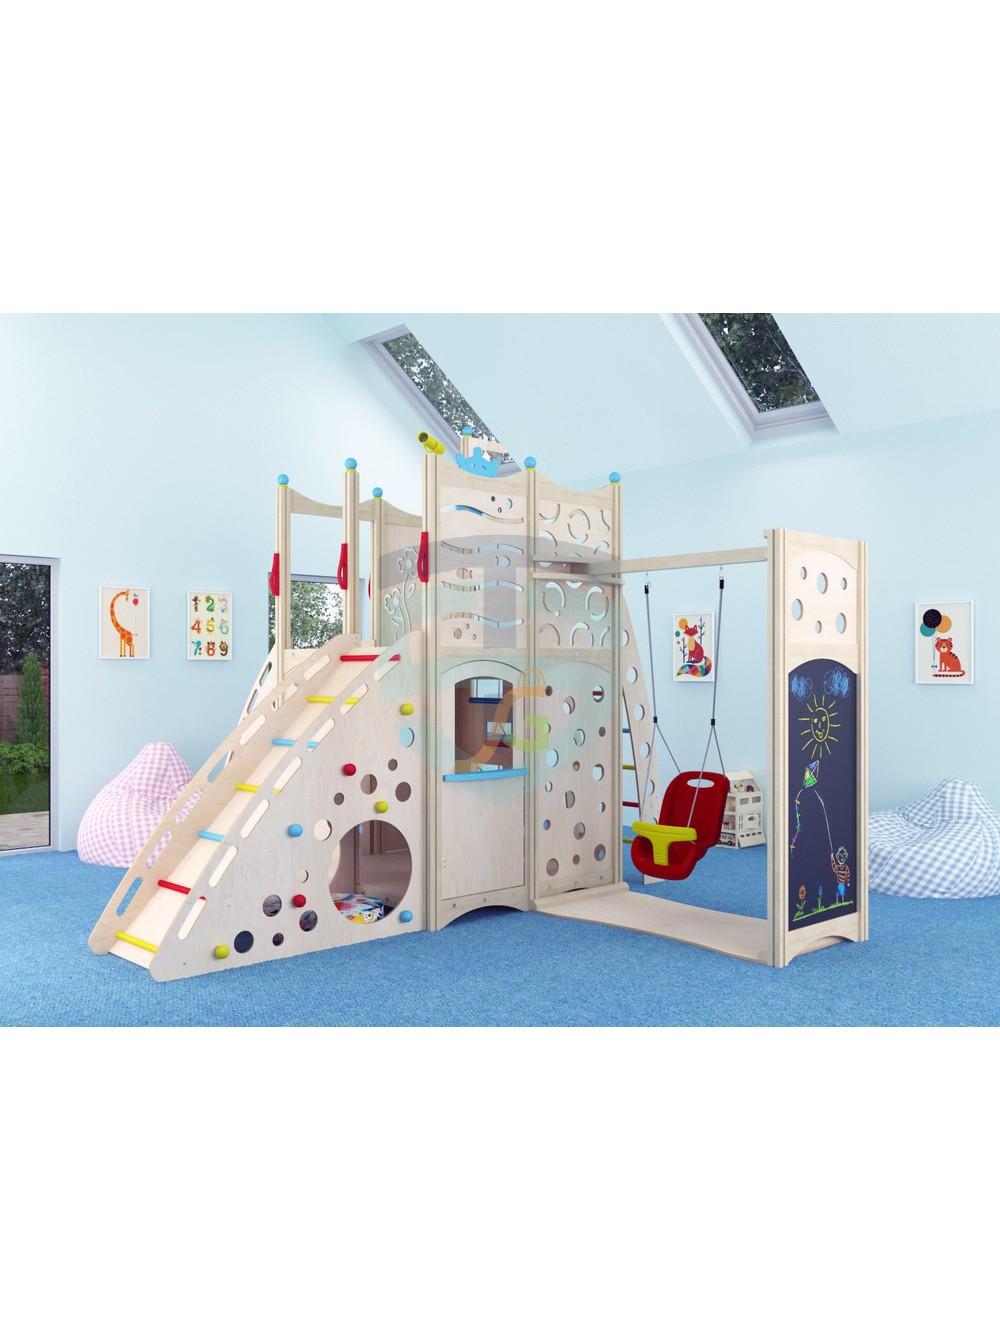 Достоинства детской игровой площадки